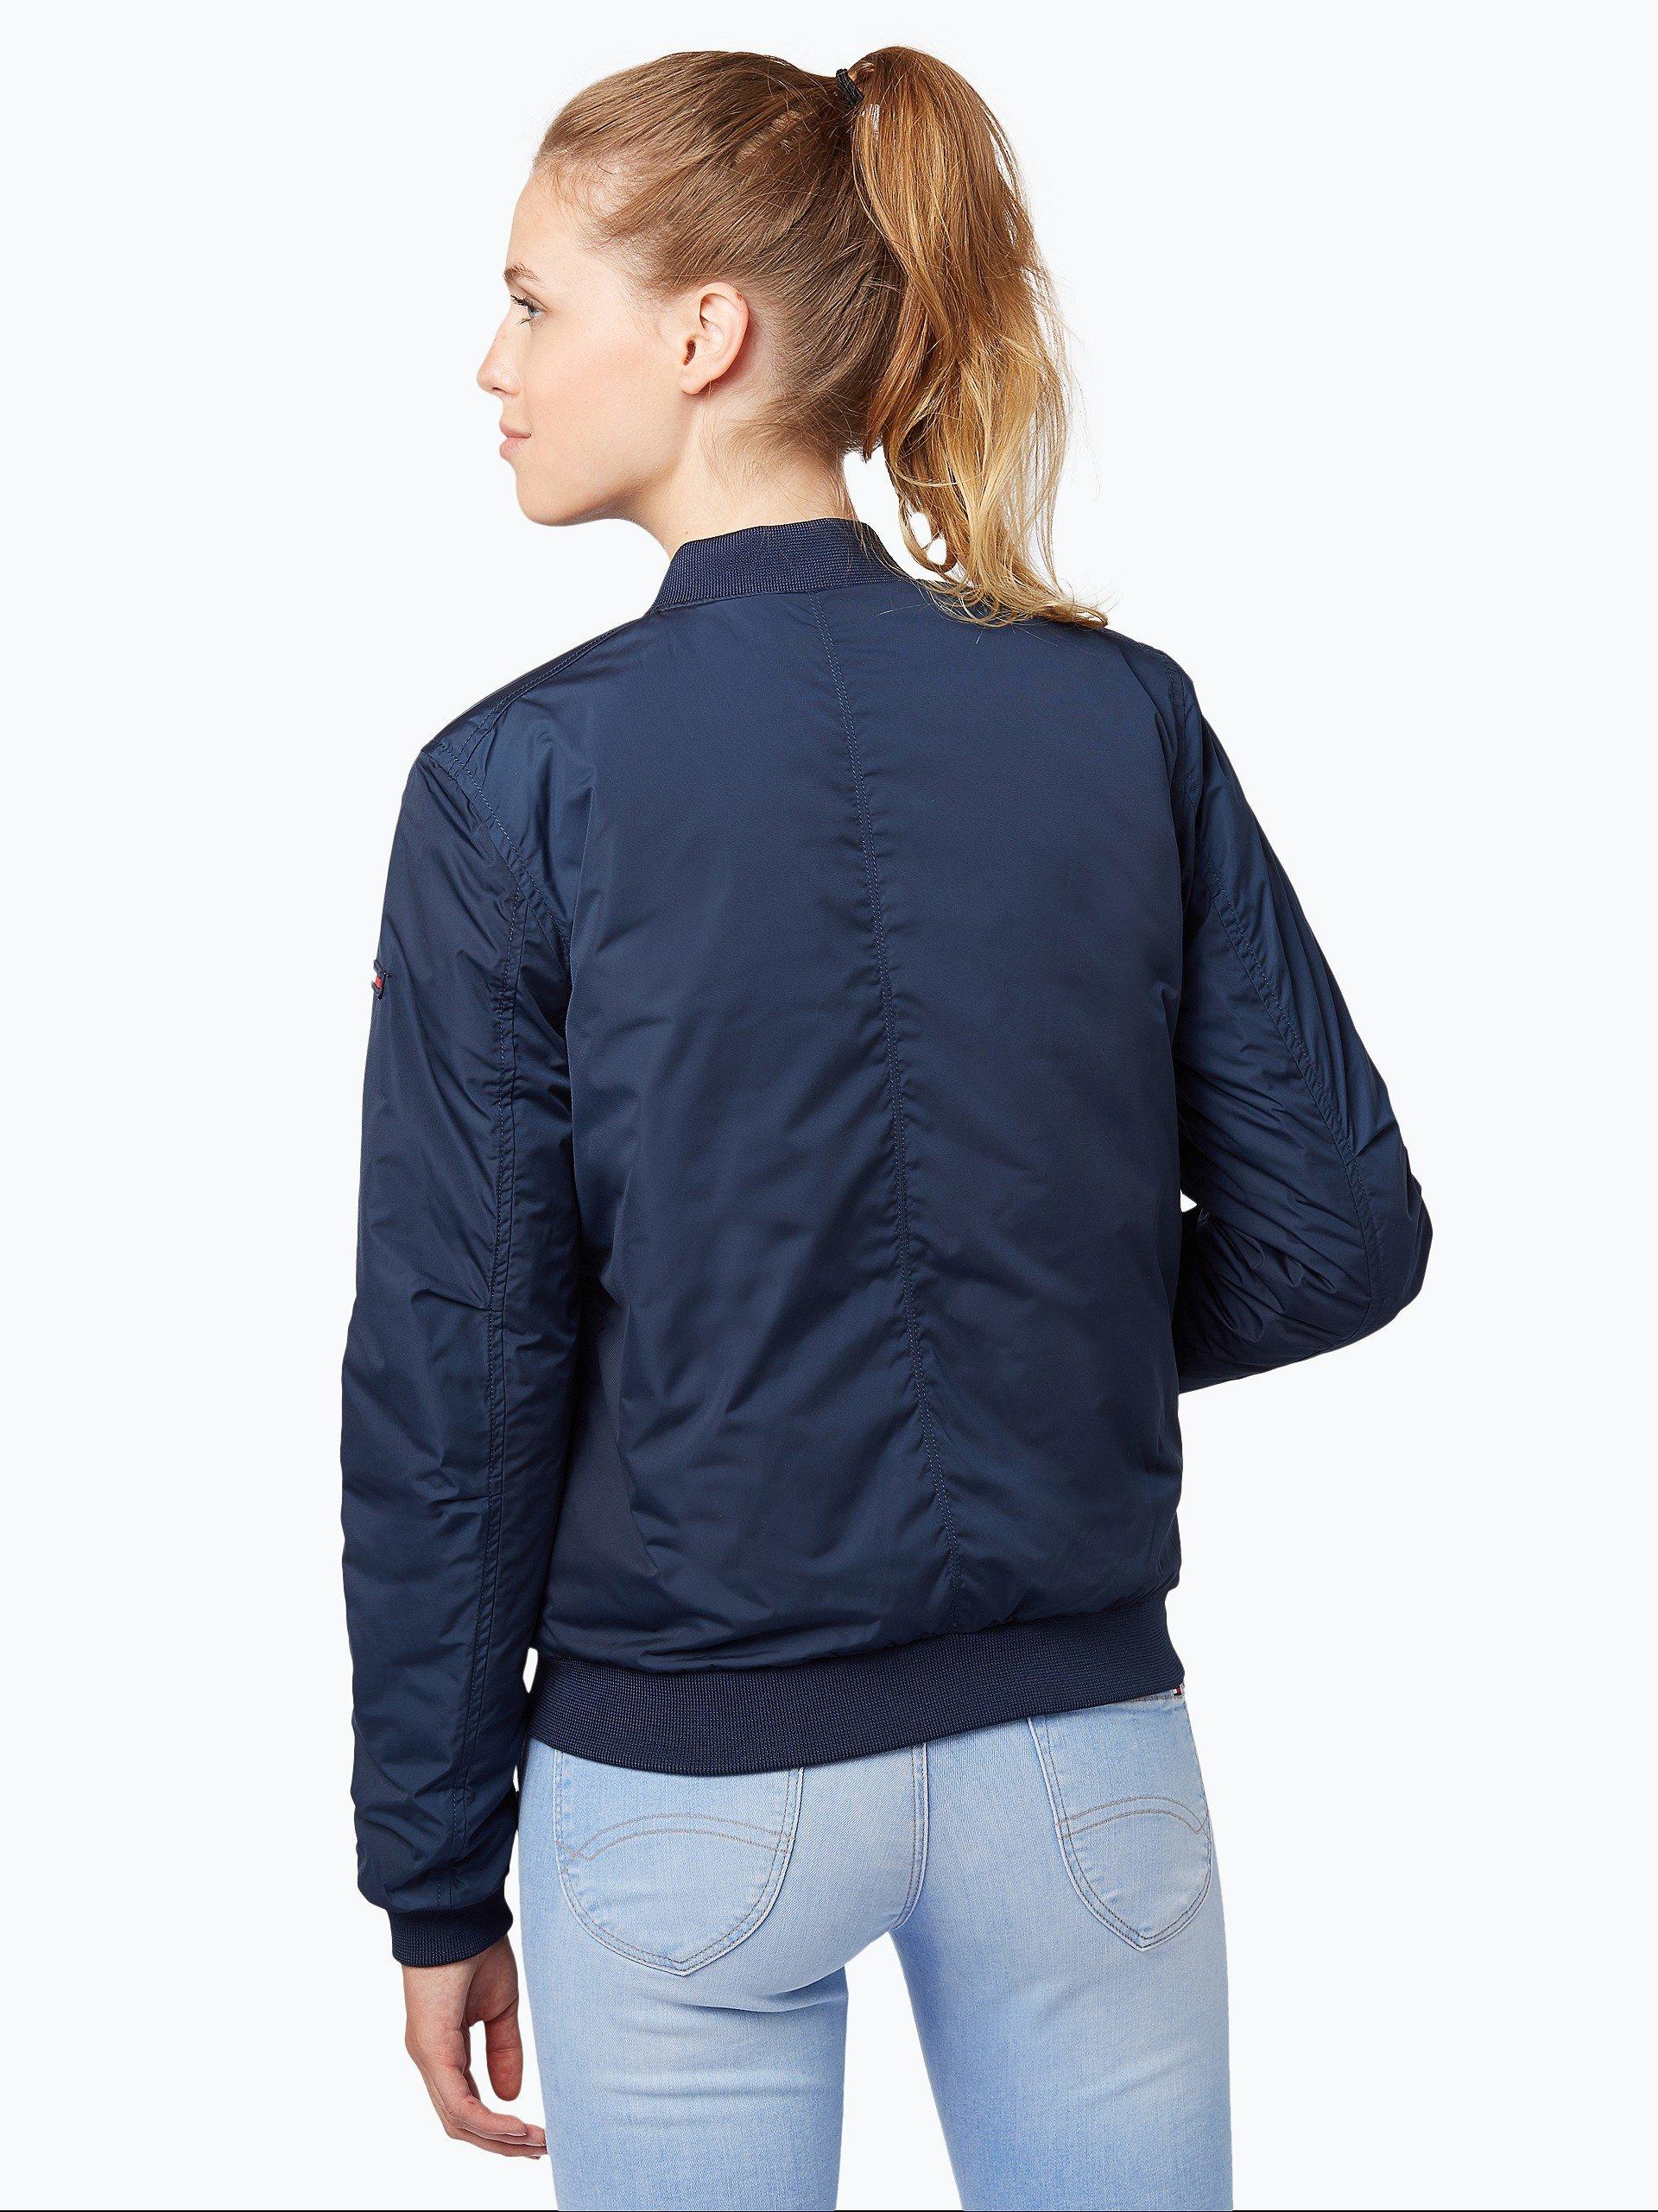 tommy jeans damen jacke marine uni online kaufen. Black Bedroom Furniture Sets. Home Design Ideas